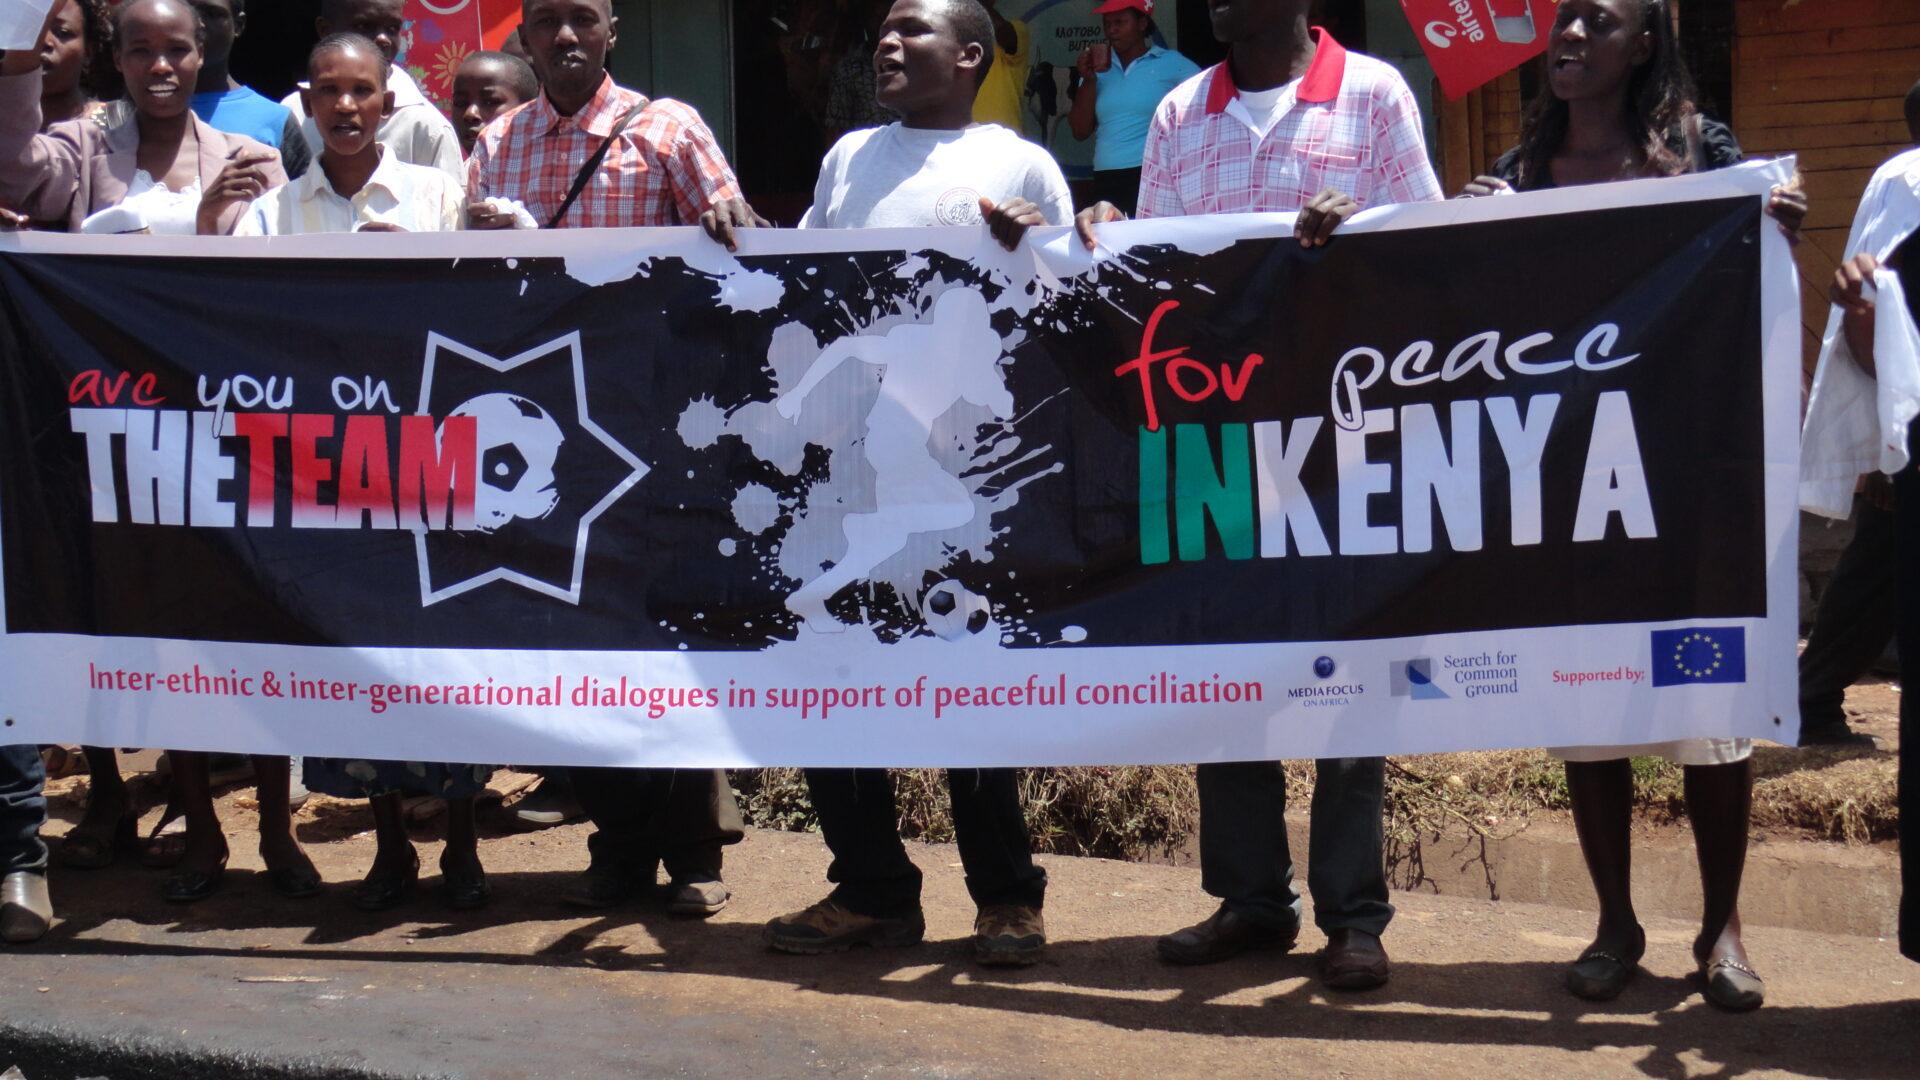 https://mediafocusonafrica.org/wp-content/uploads/2021/08/Peace-Demonstration.jpg